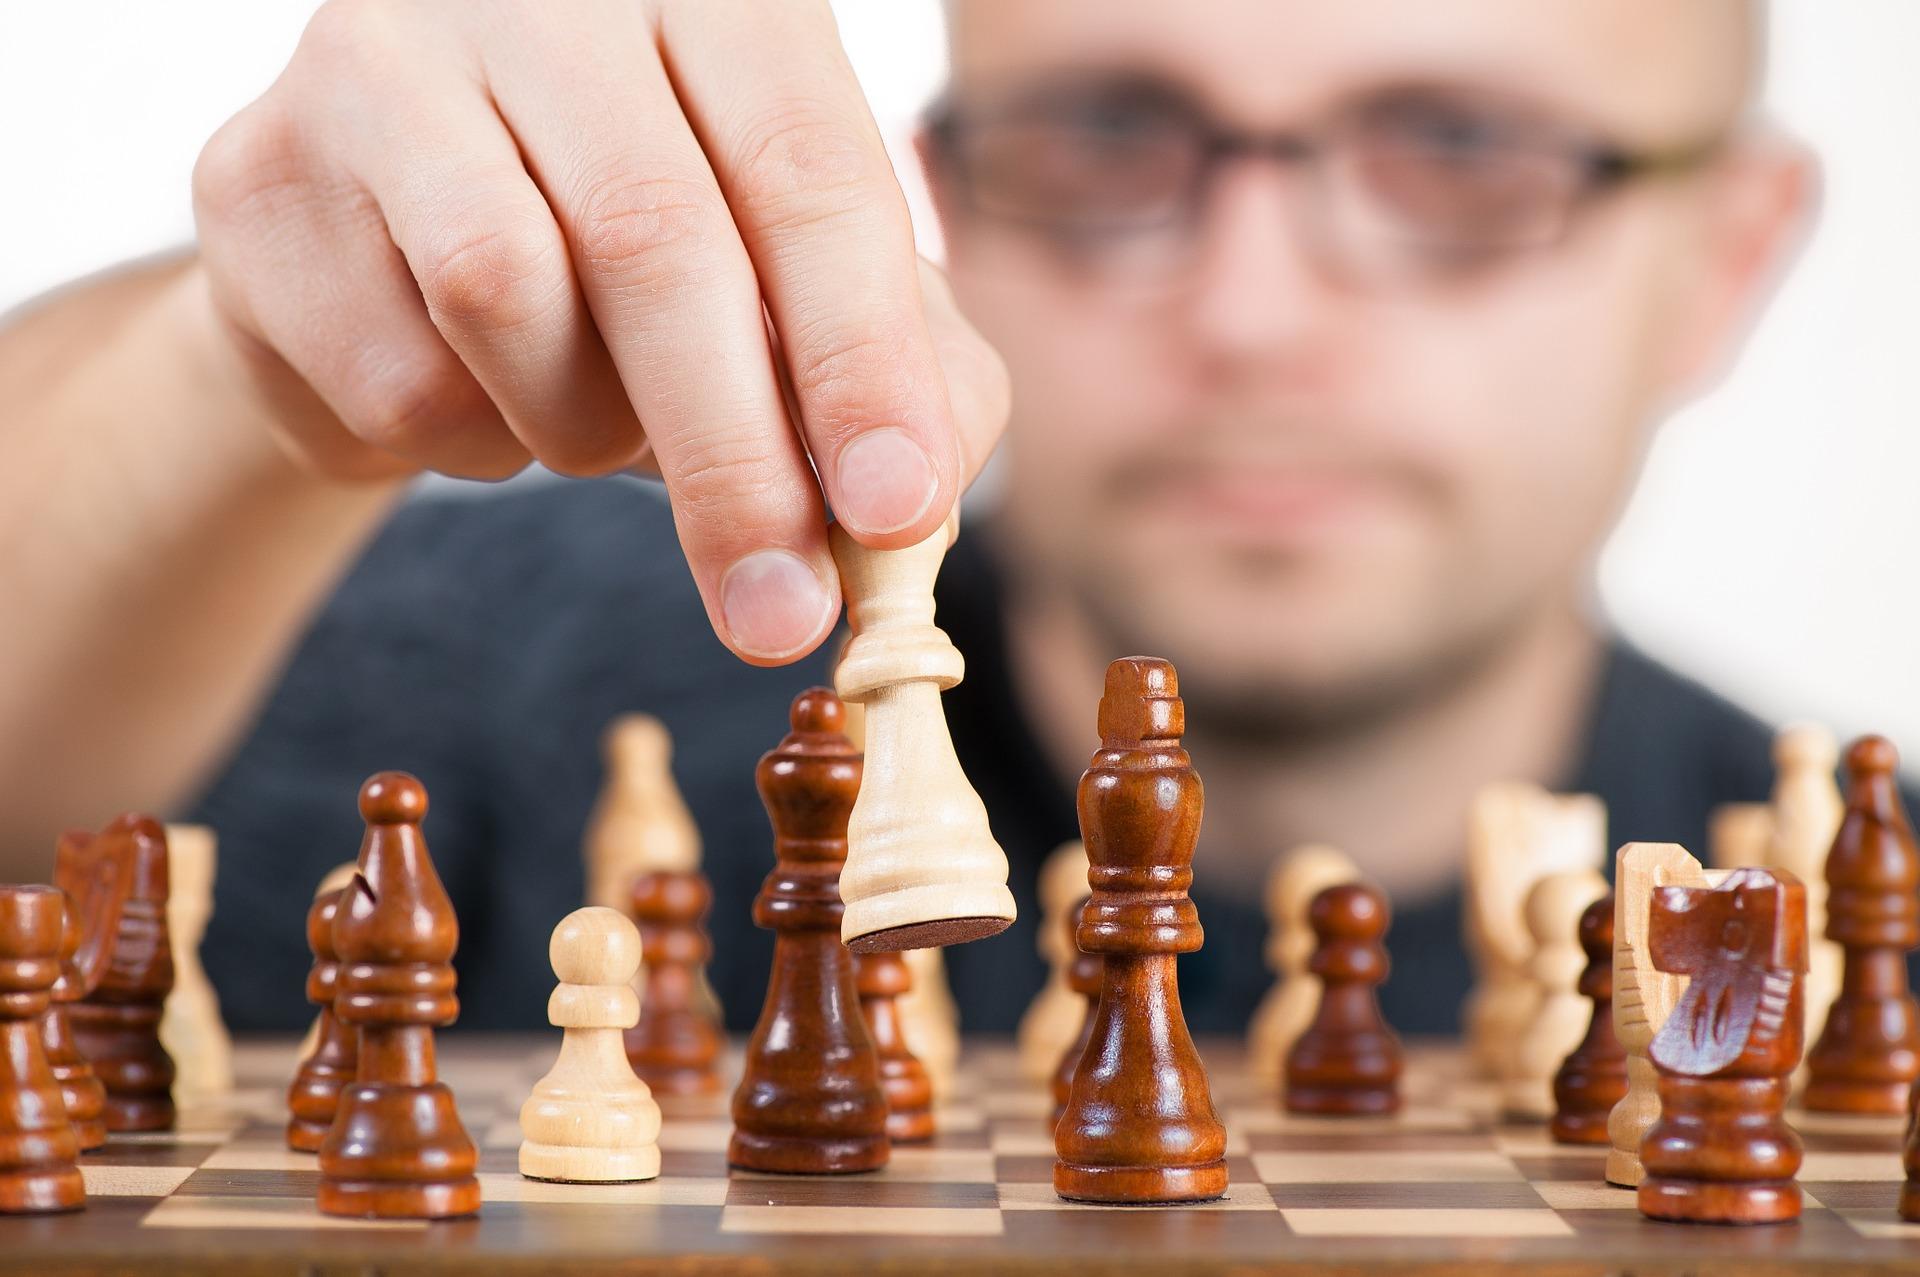 Ihr kostenloses 20 minütiges Strategiegespräch